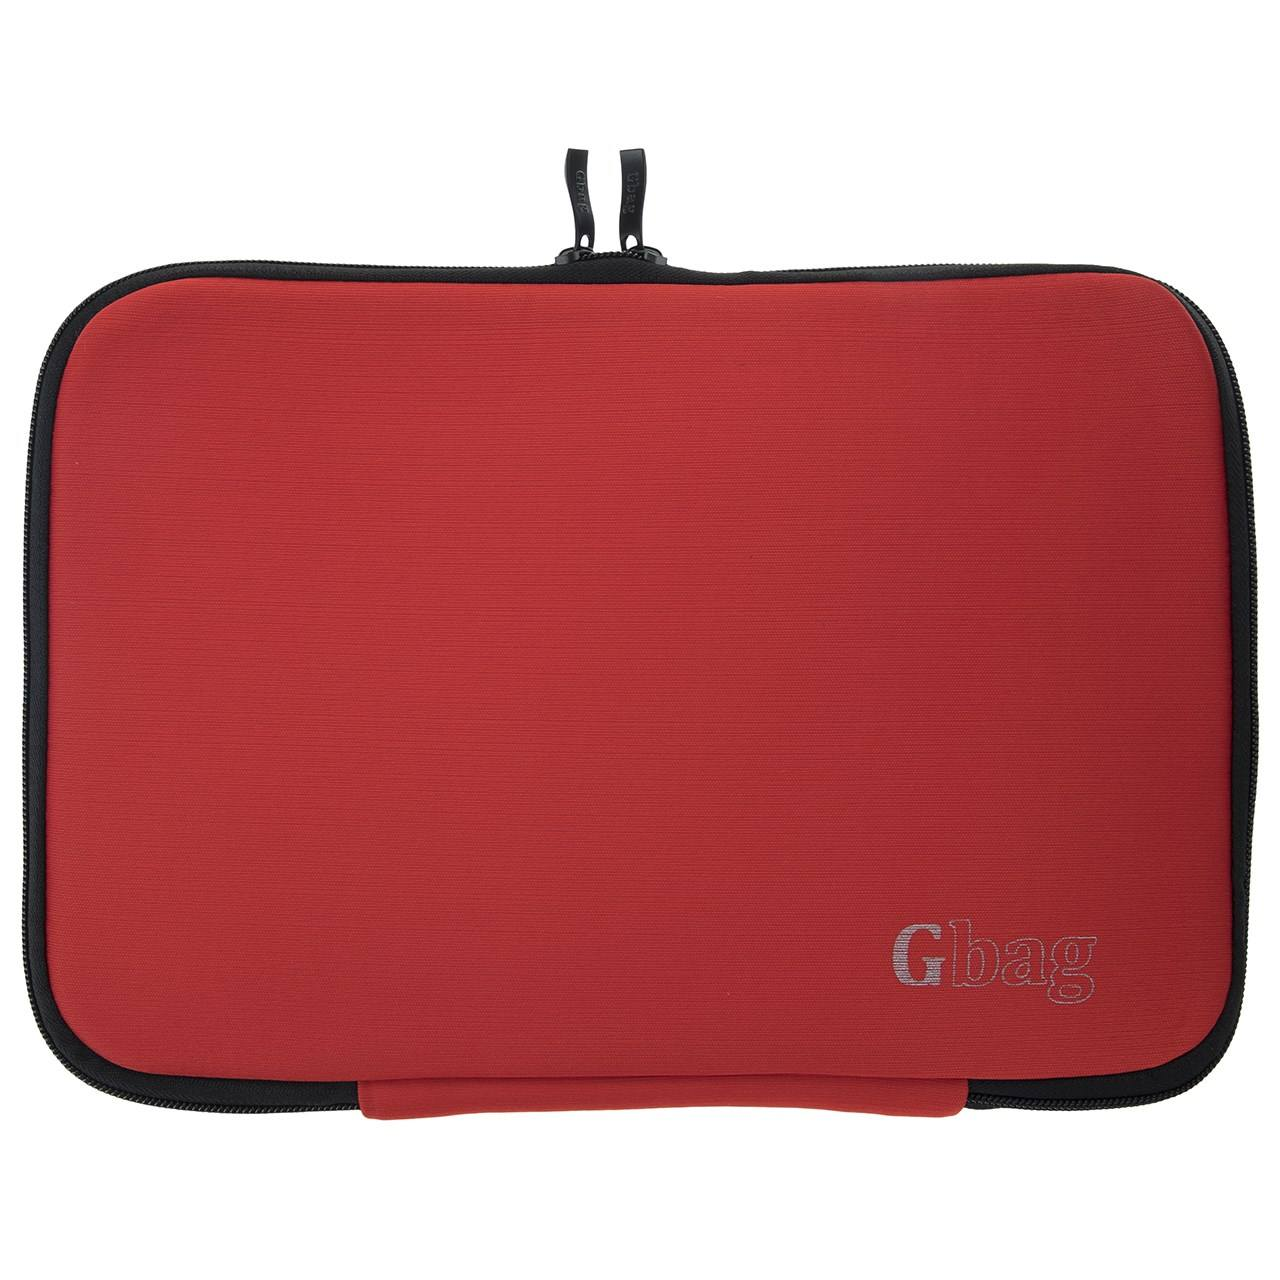 کیف لپ تاپ جی بگ مدل Pocket 1 مناسب برای لپ تاپ 13 اینچی